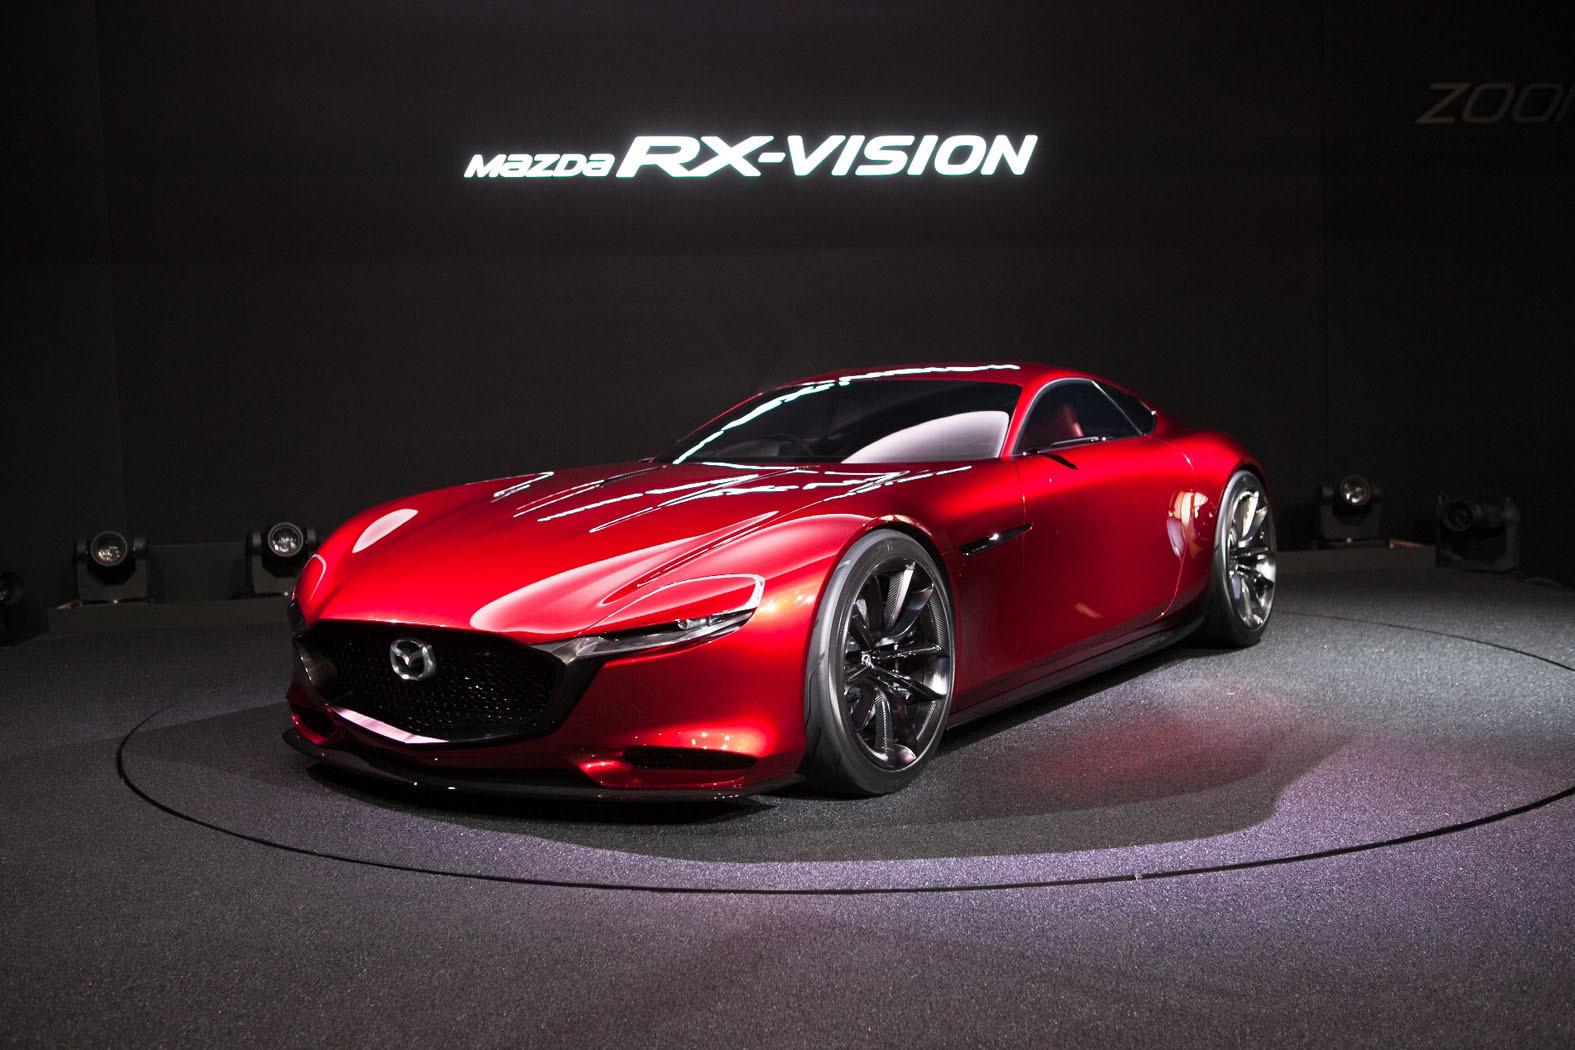 Mazda RX-VISION(マツダ・アールエックス・ビジョン)